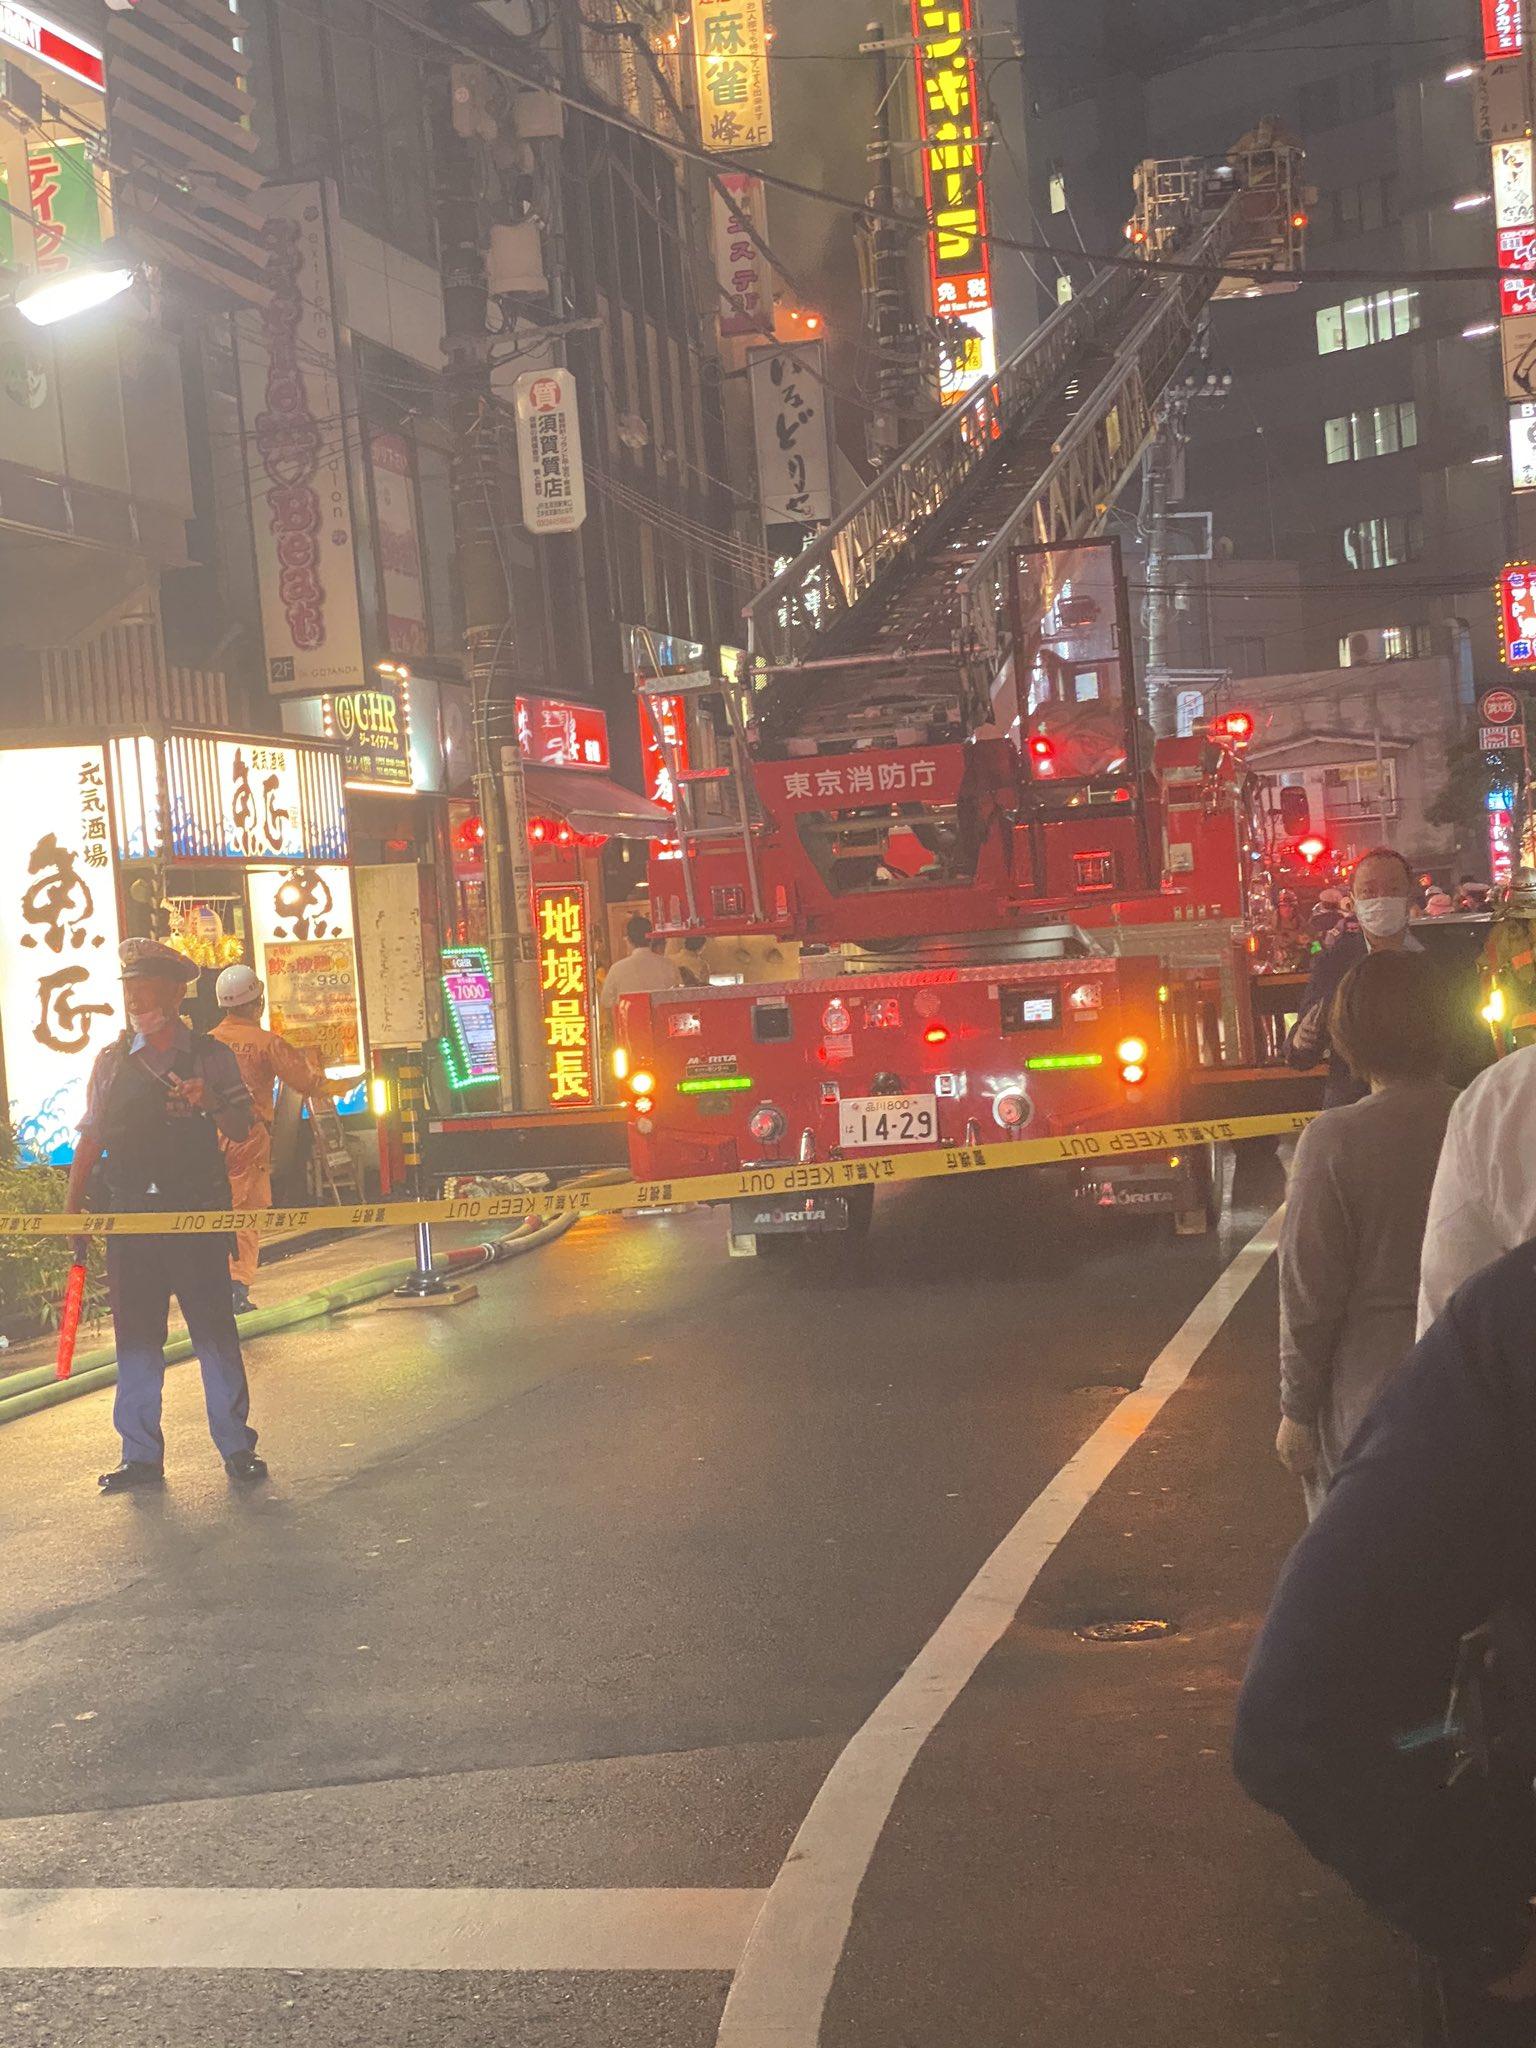 五反田駅付近のビルで火事が起き消火活動している画像